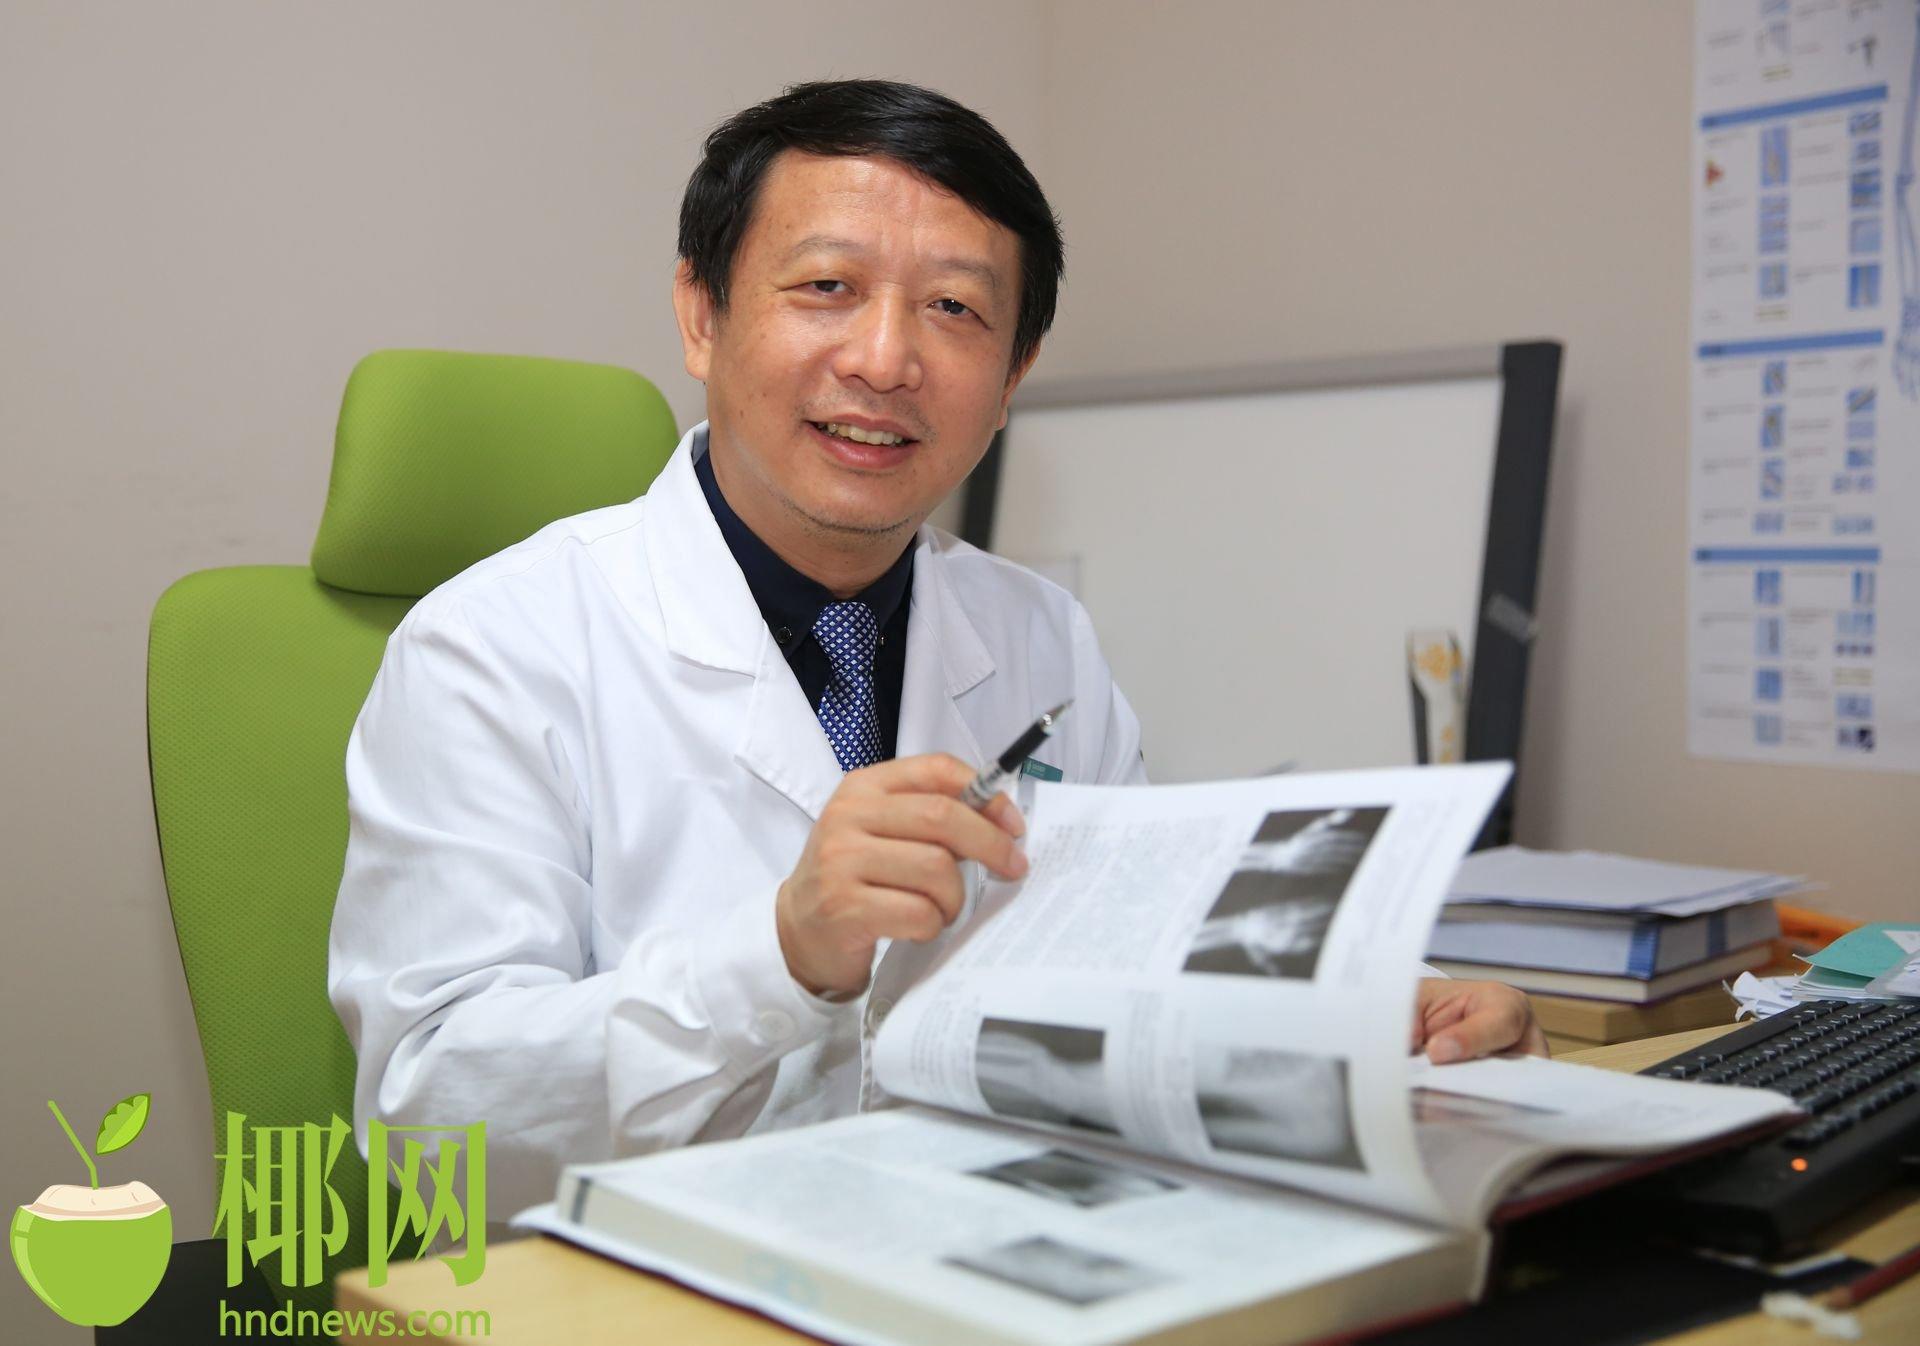 这样的黑痣要当心——访海南省肿瘤医院骨软外科主任陈煜